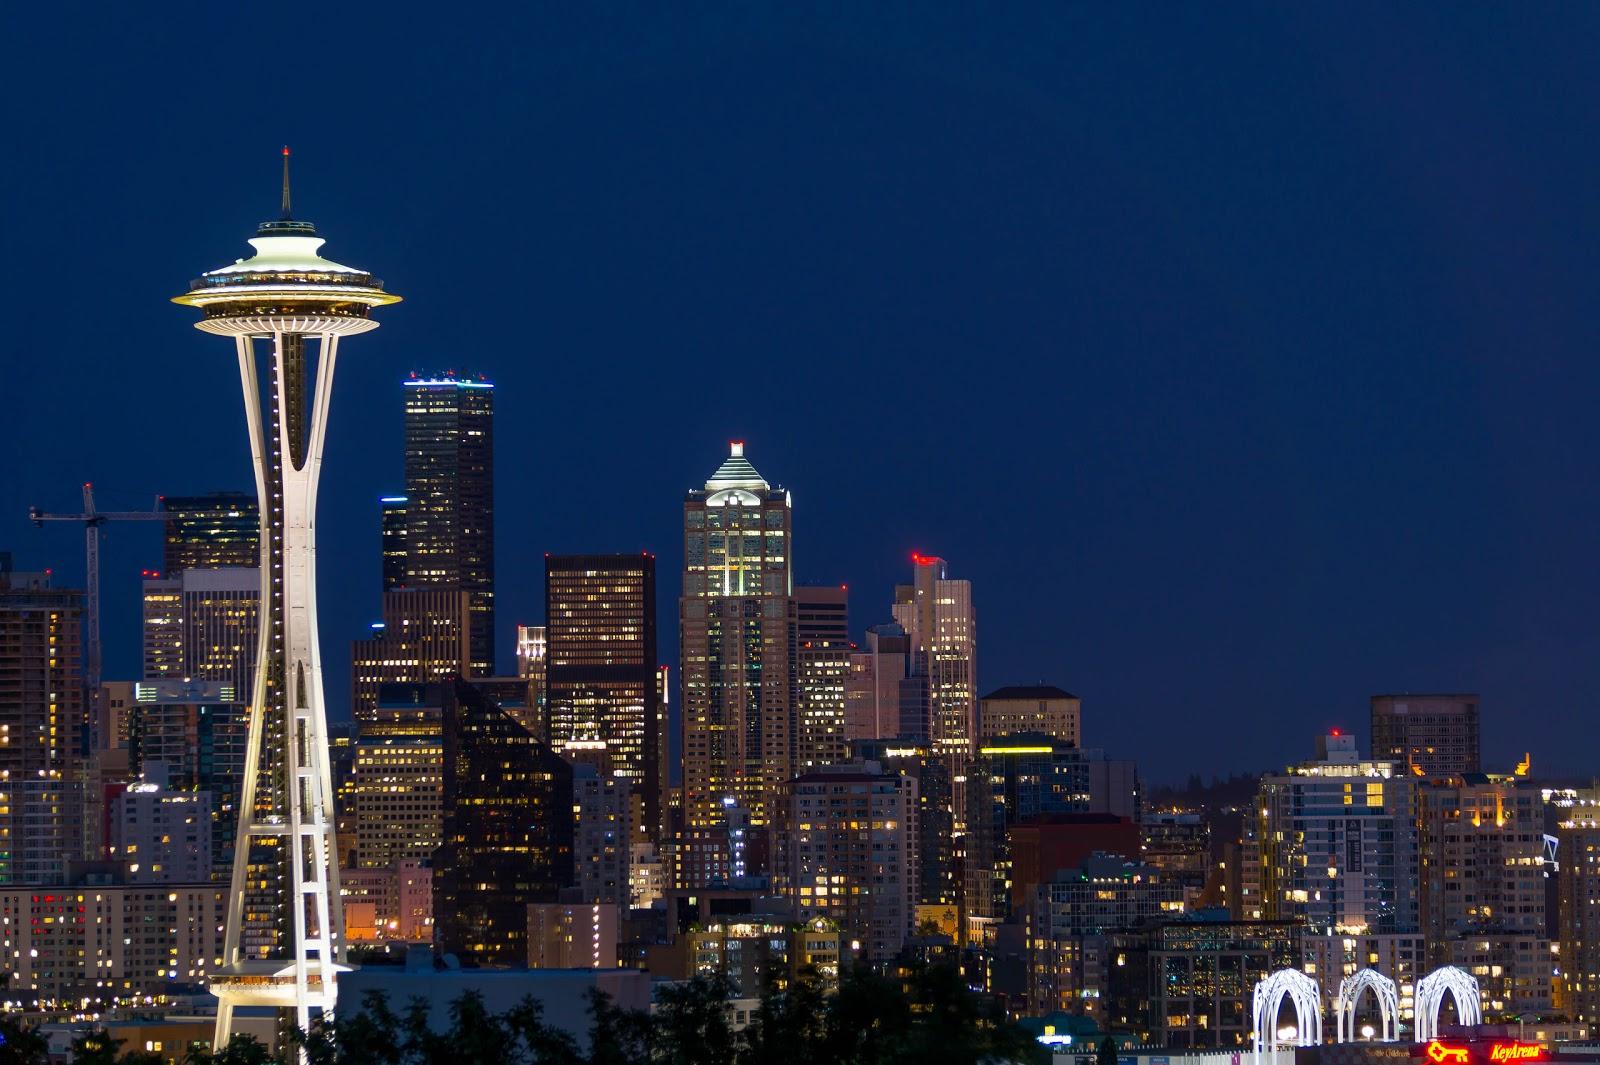 Сюда можно приехать днём, а так же стоит вернуться ночью ради восхитительной панорамы ночного города.